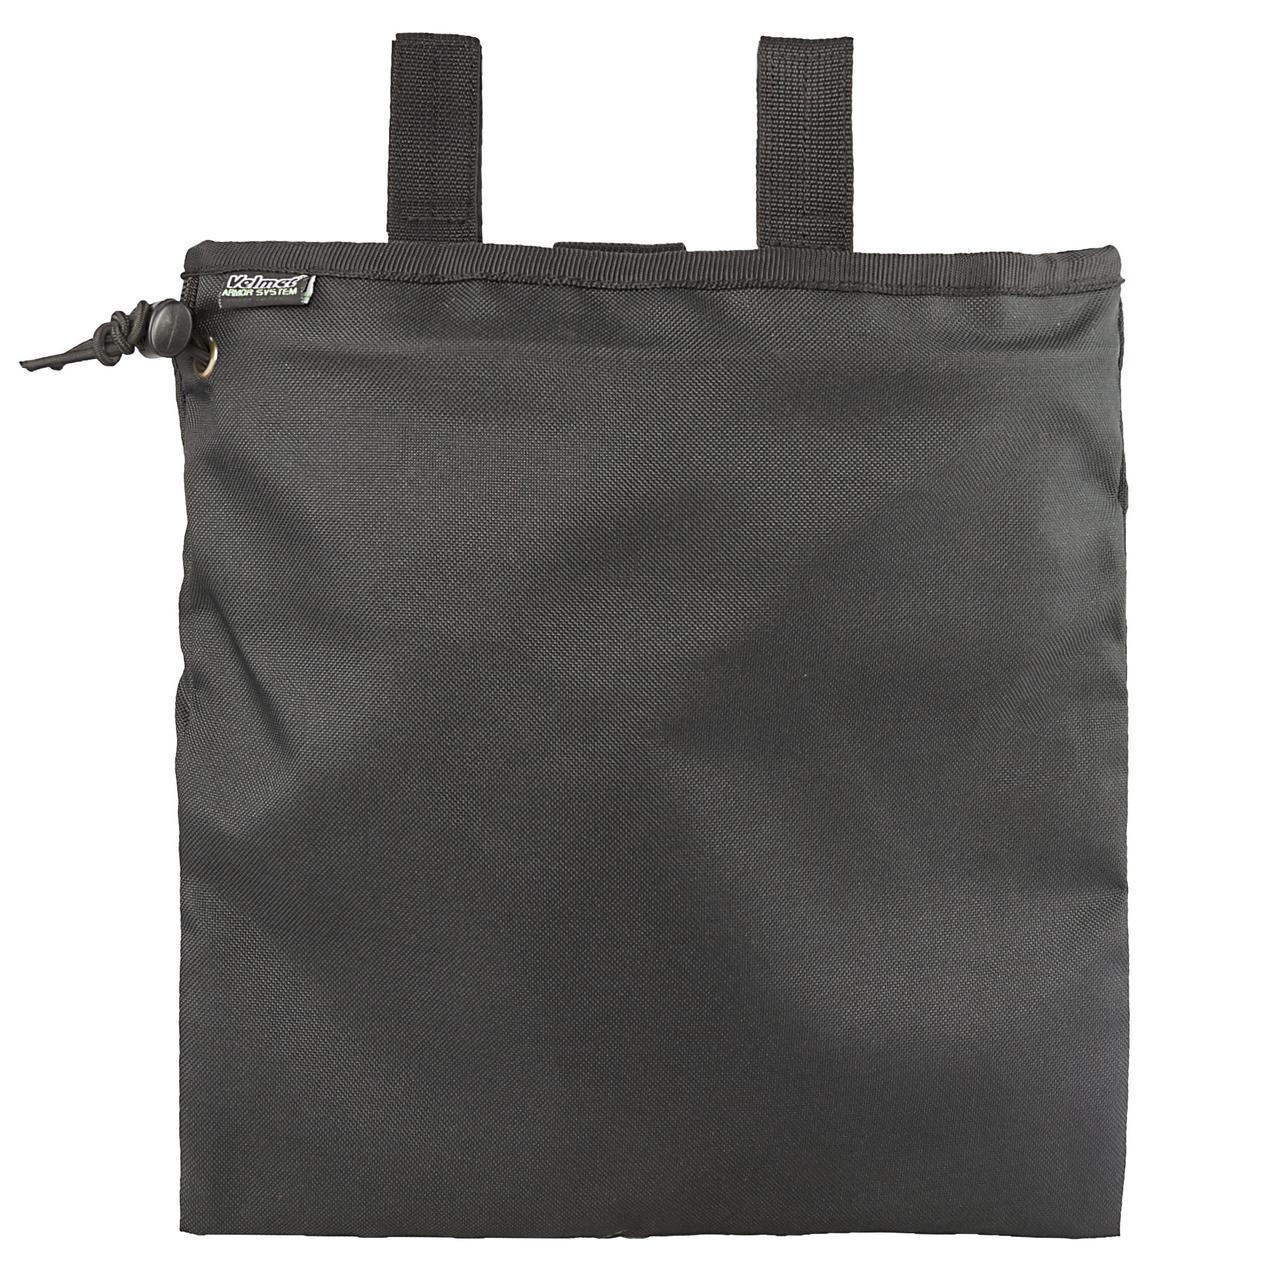 Сумка для сброса магазинов Z-SF (Black)